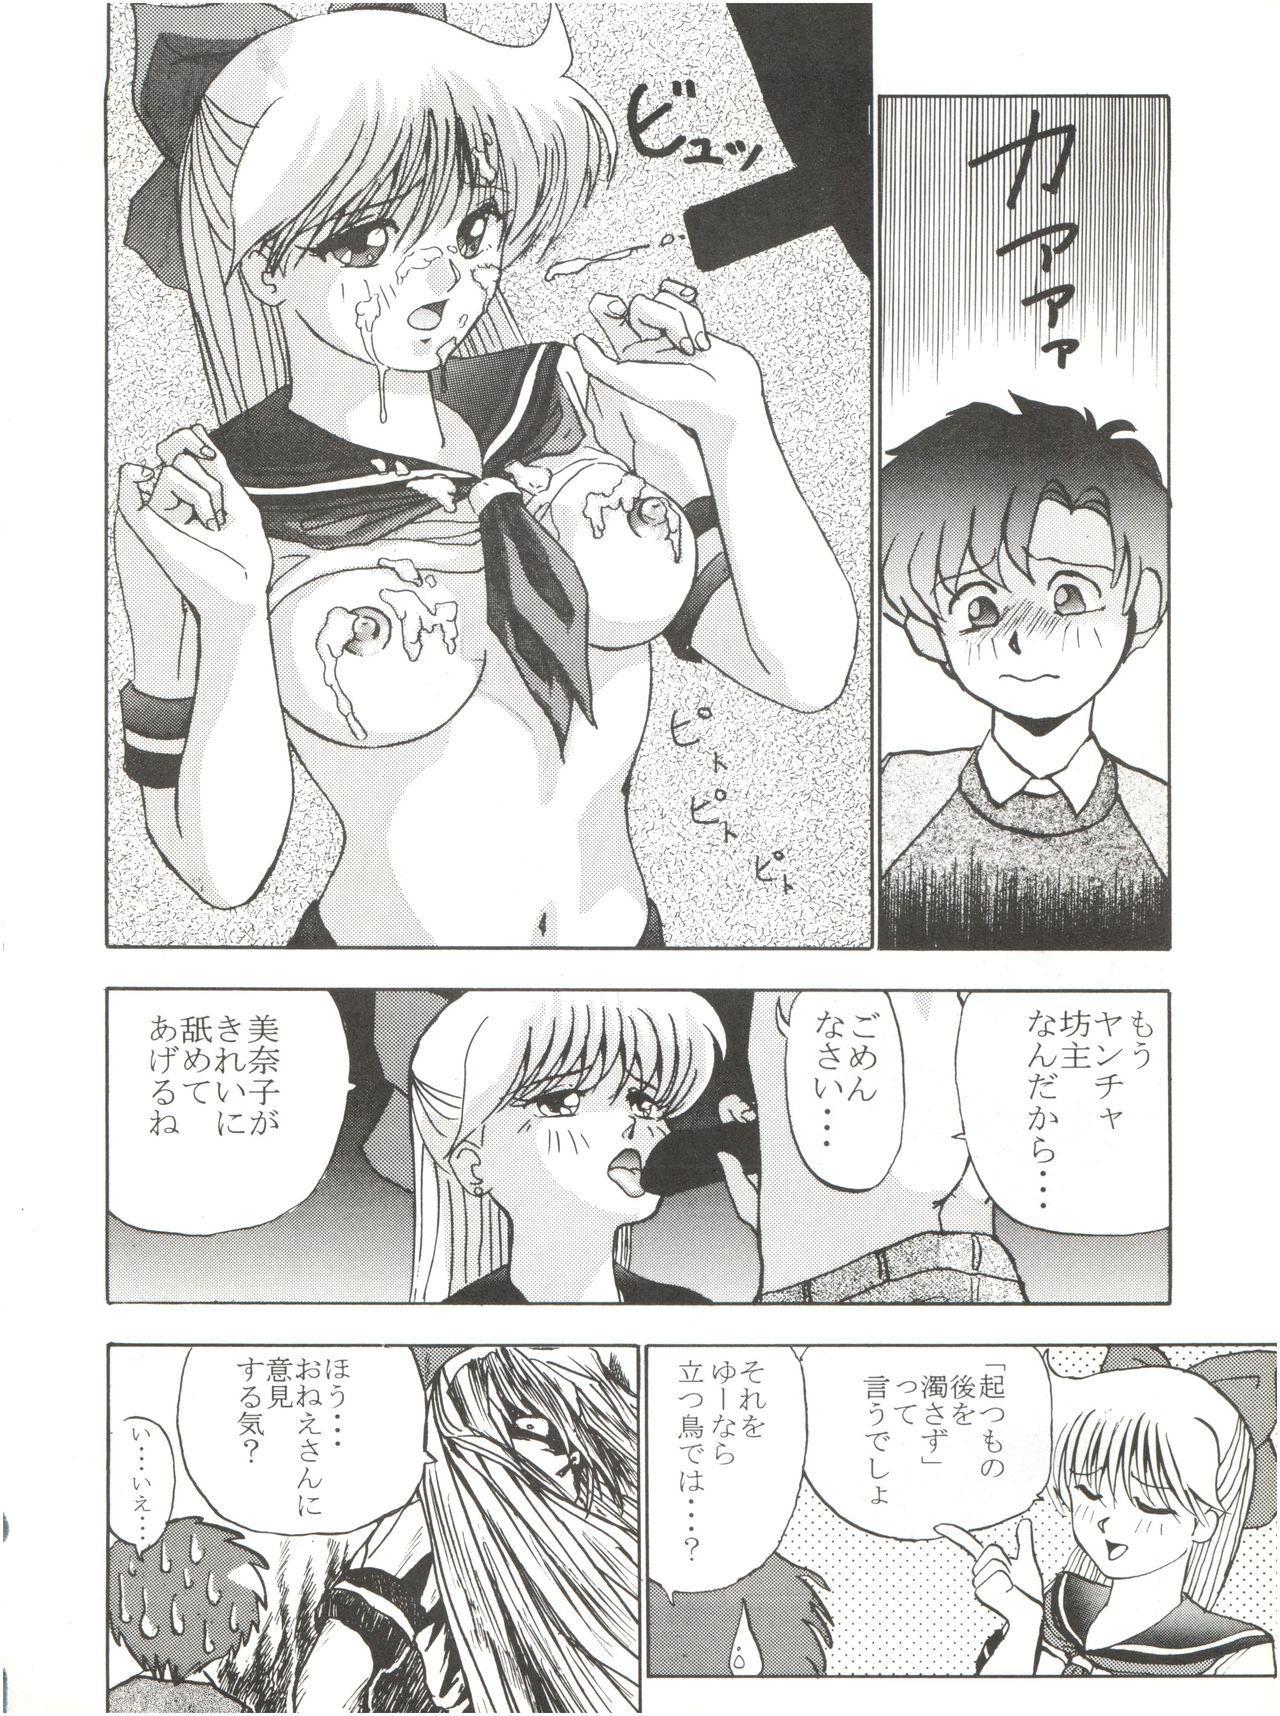 Animedorei 28